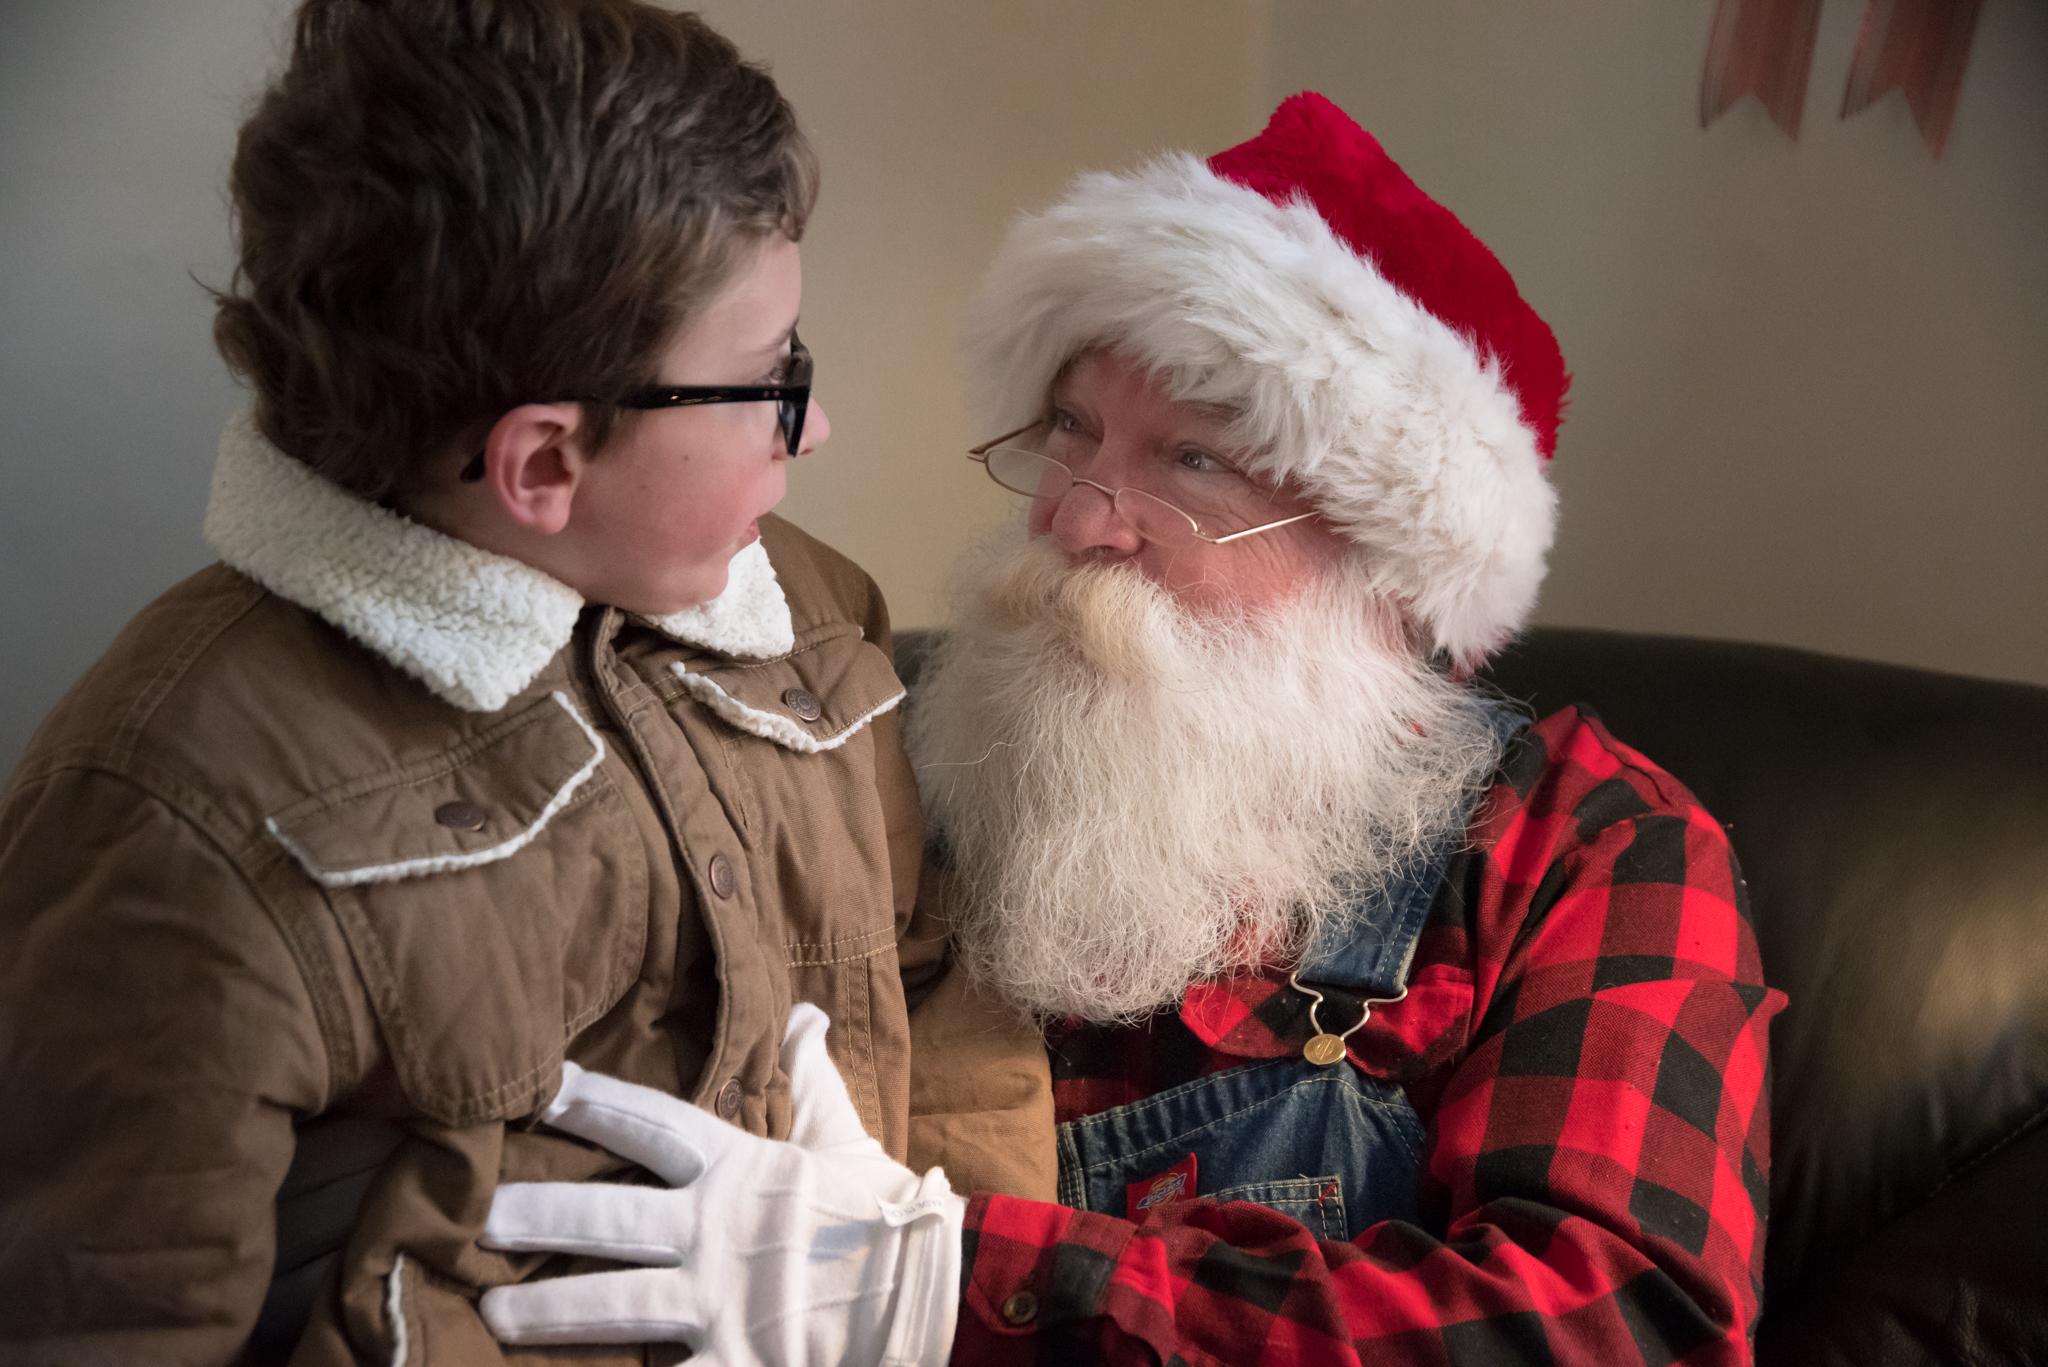 Childrens_Family_Photographer_Fargo_Moorhead-6187.jpg